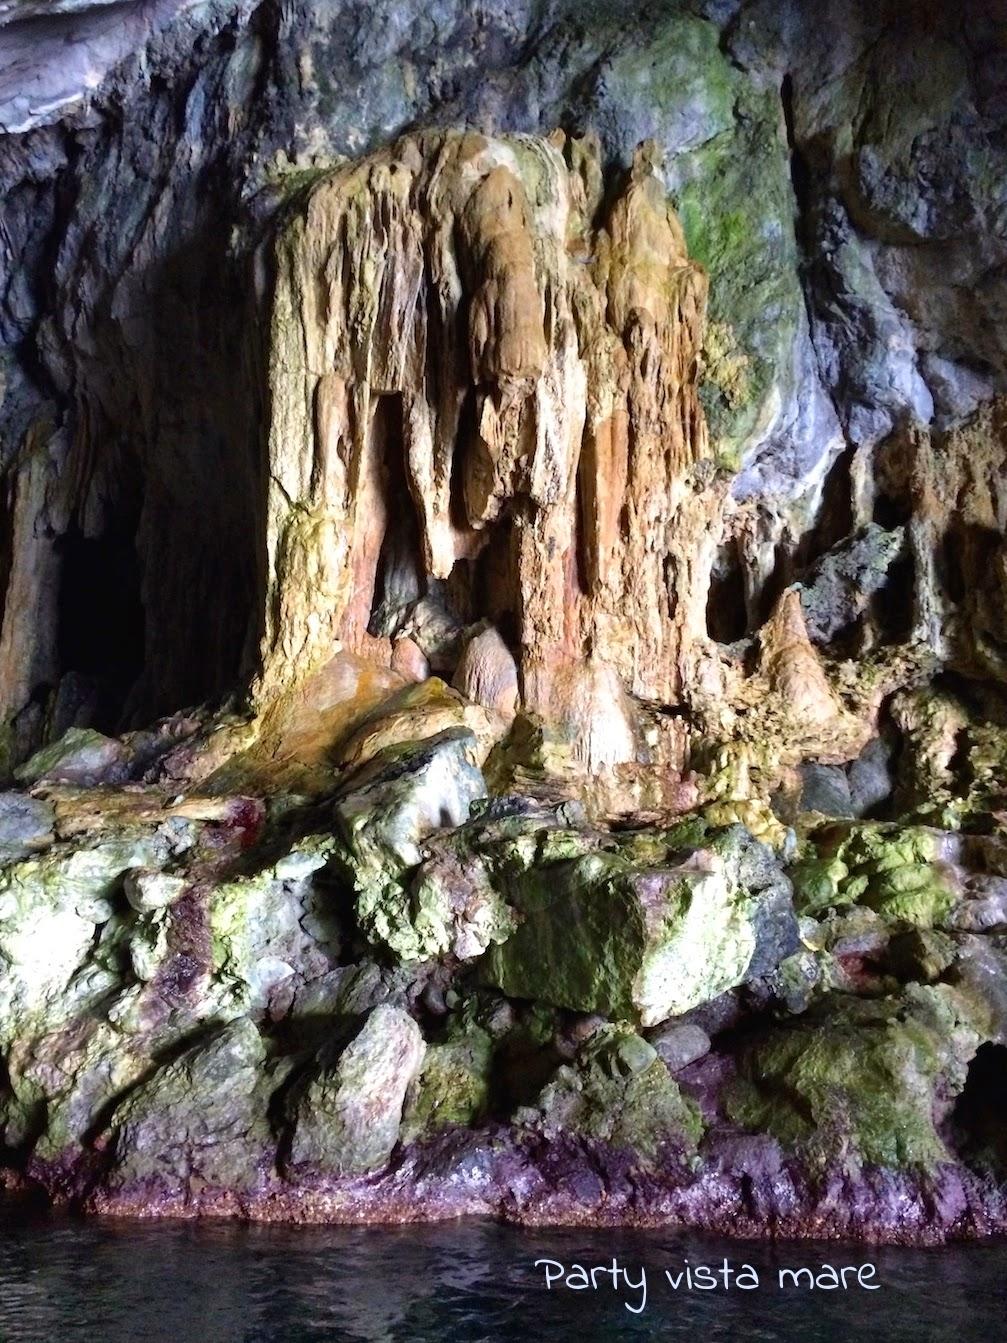 Cave_Pandora_Amalfi_Coast_sea_Italy_stalactites_stalagmites_columns